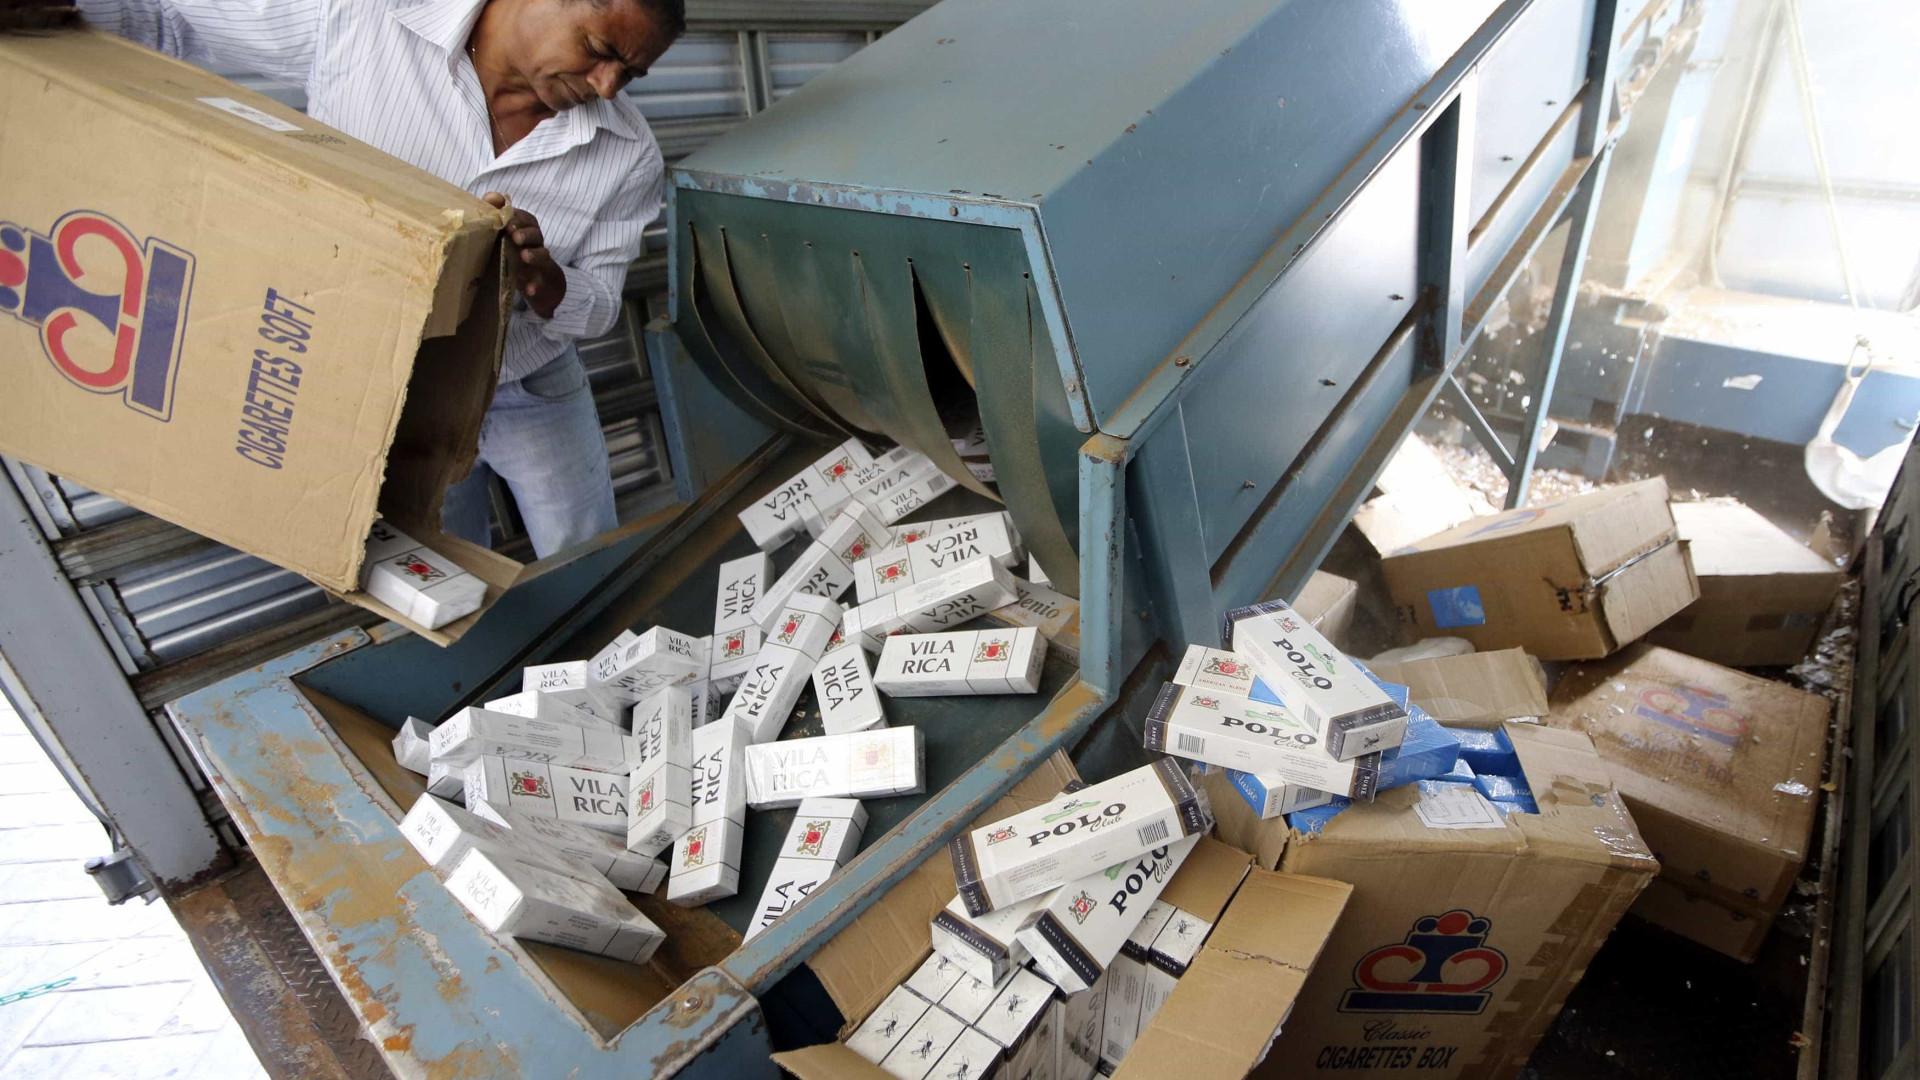 Em 3 anos, prejuízo por conta de contrabando chega a R$ 350 bilhões